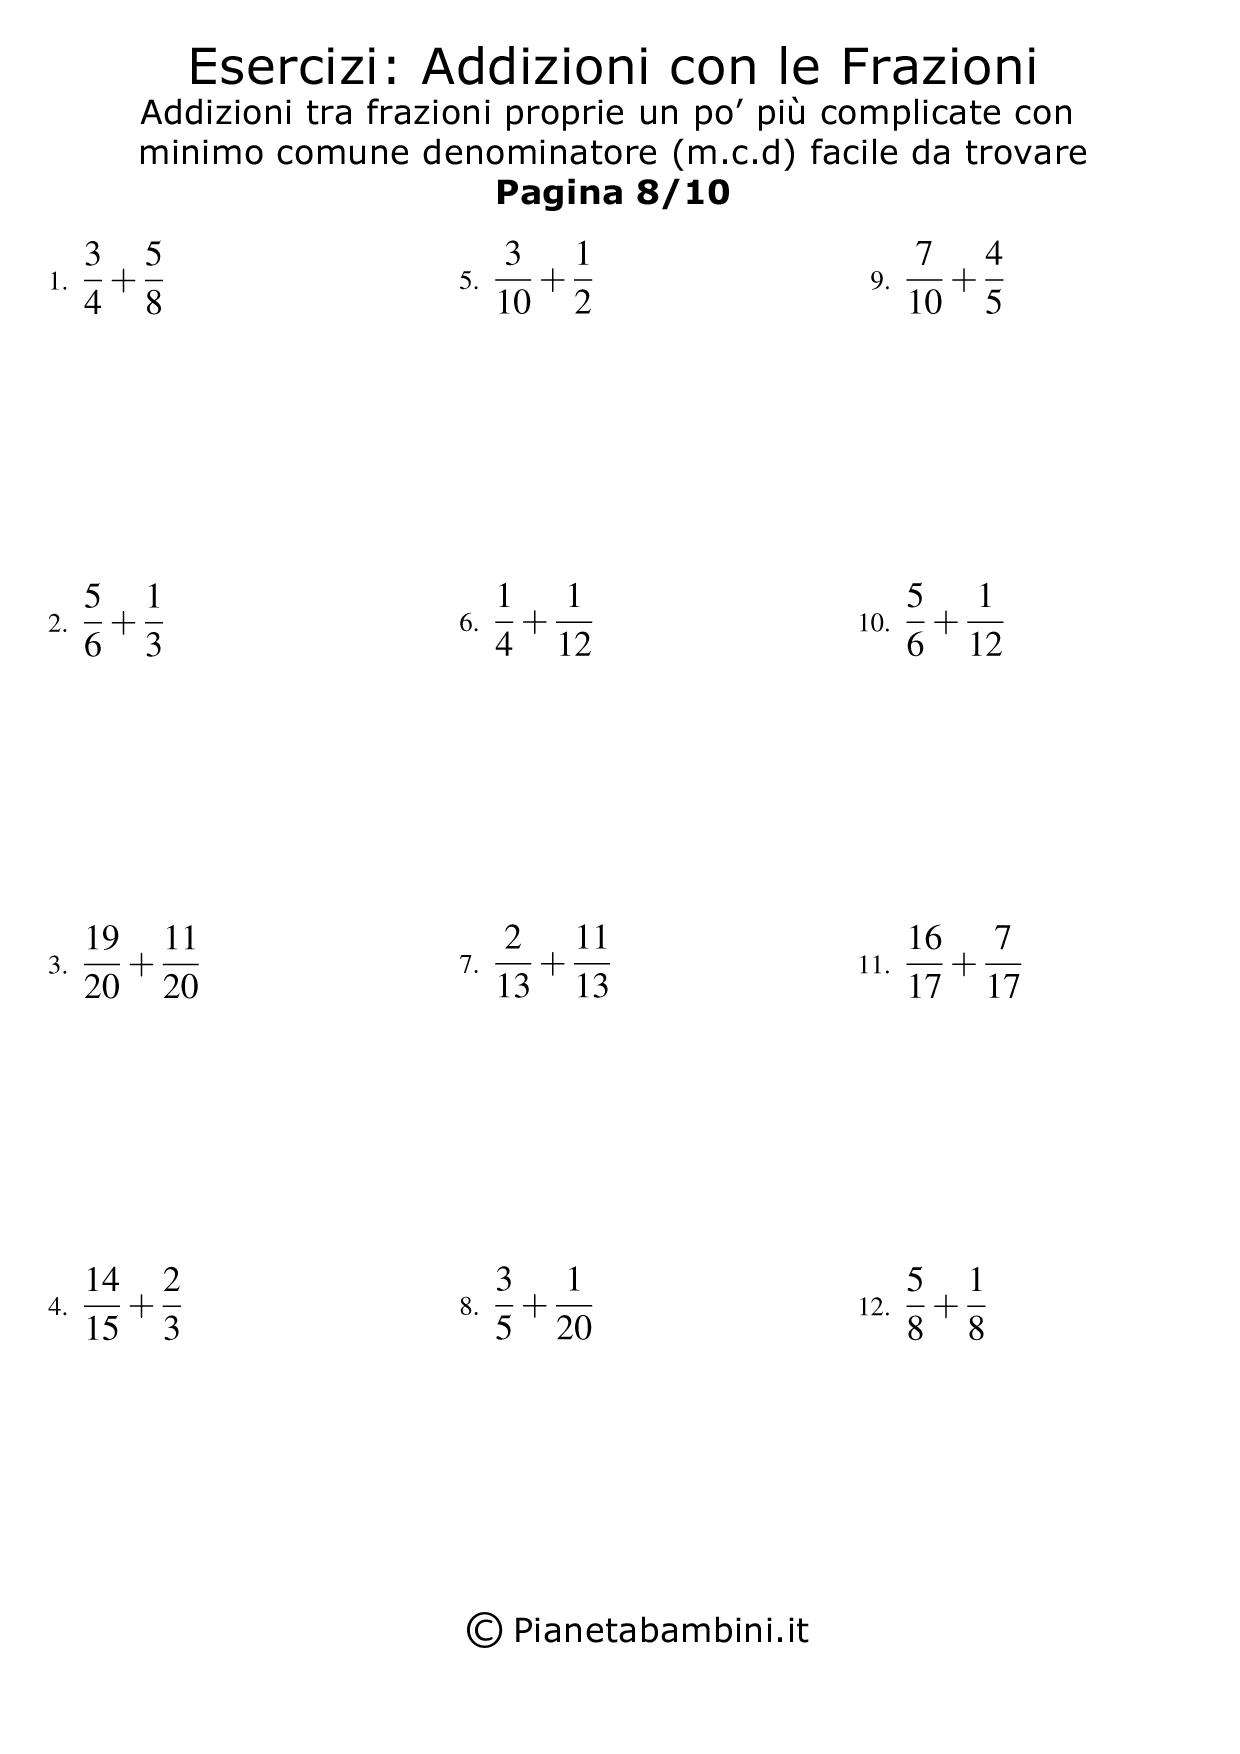 Frazioni-Complicate-m.c.d-Facile_08